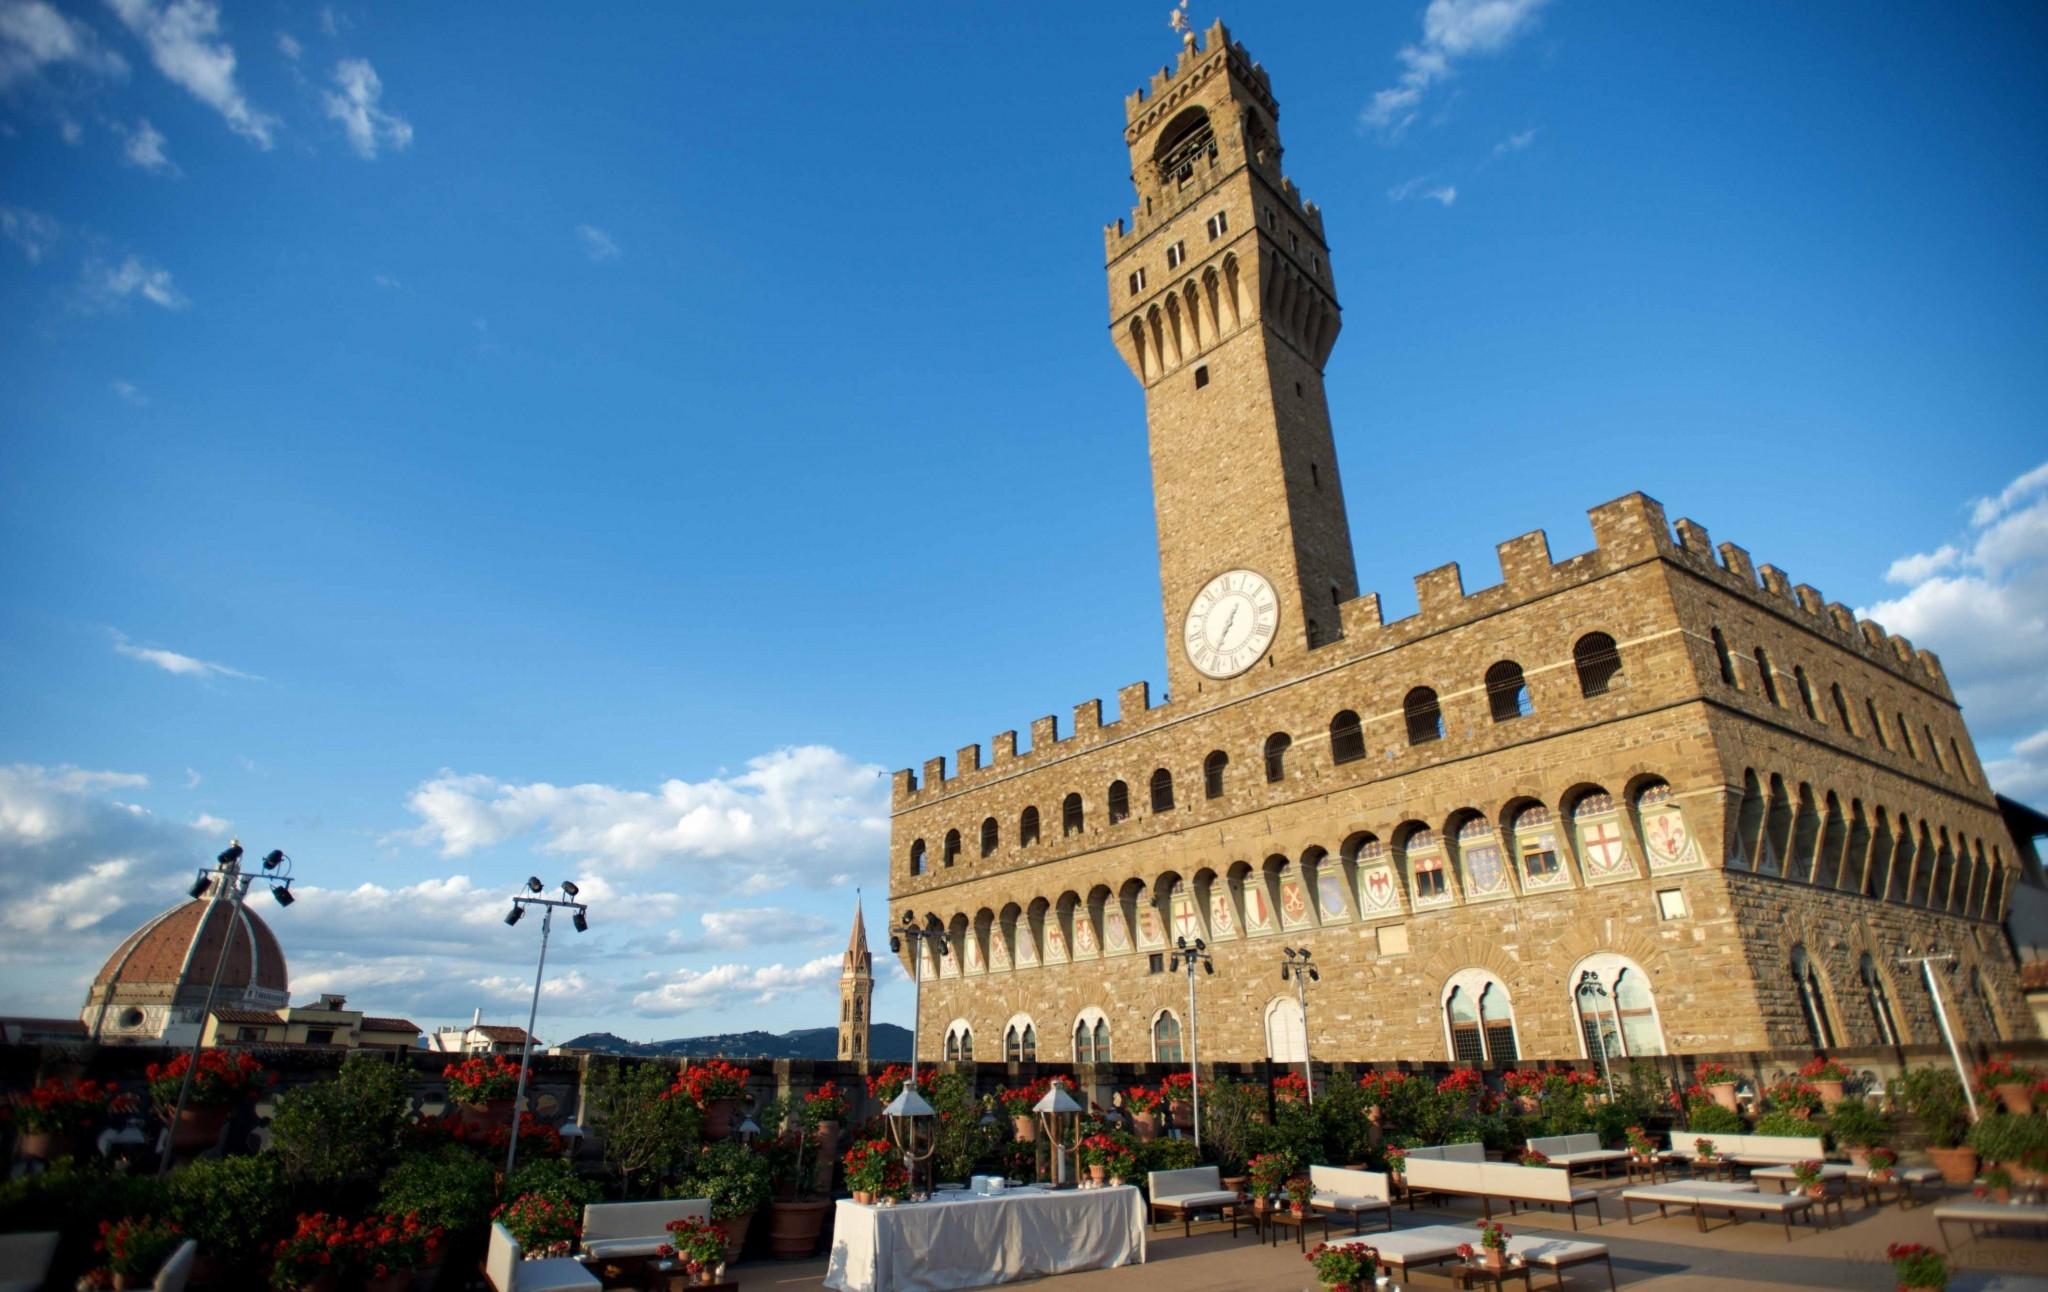 昔日藝術聖殿再放光芒:Salvatore Ferragamo博物館攜手烏菲茲美術館於佛羅倫斯舉辦文化活動